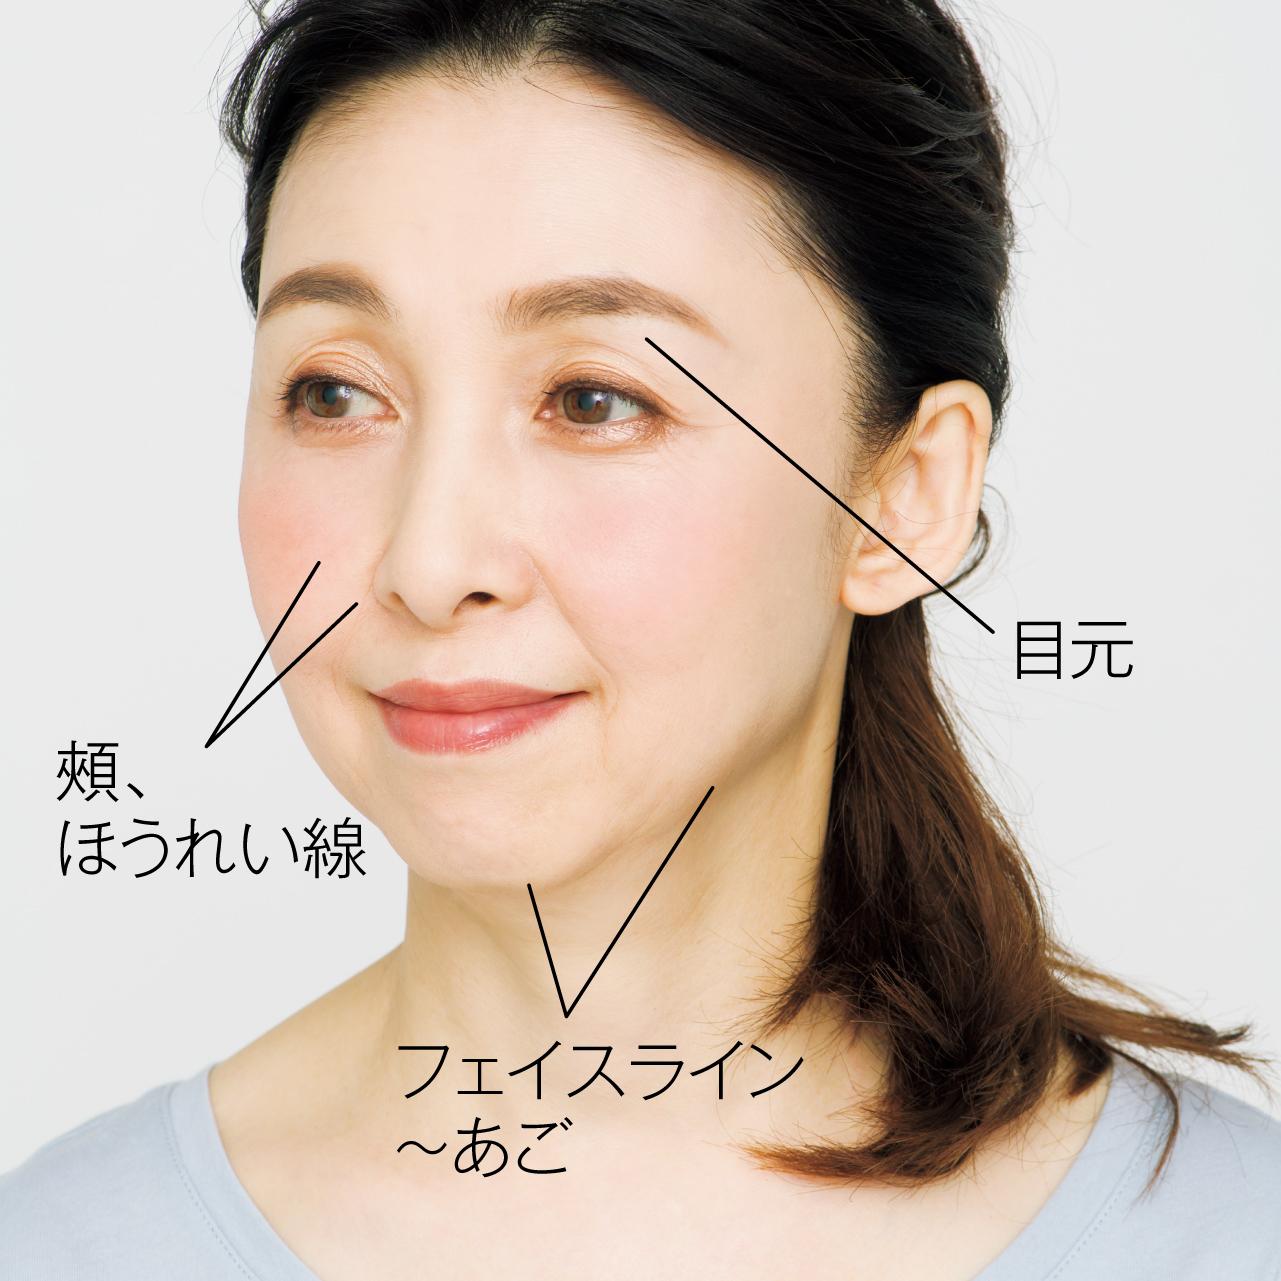 目元 フェイスライン〜あご 頰、ほうれい線が長引くマスク生活でたるんできた